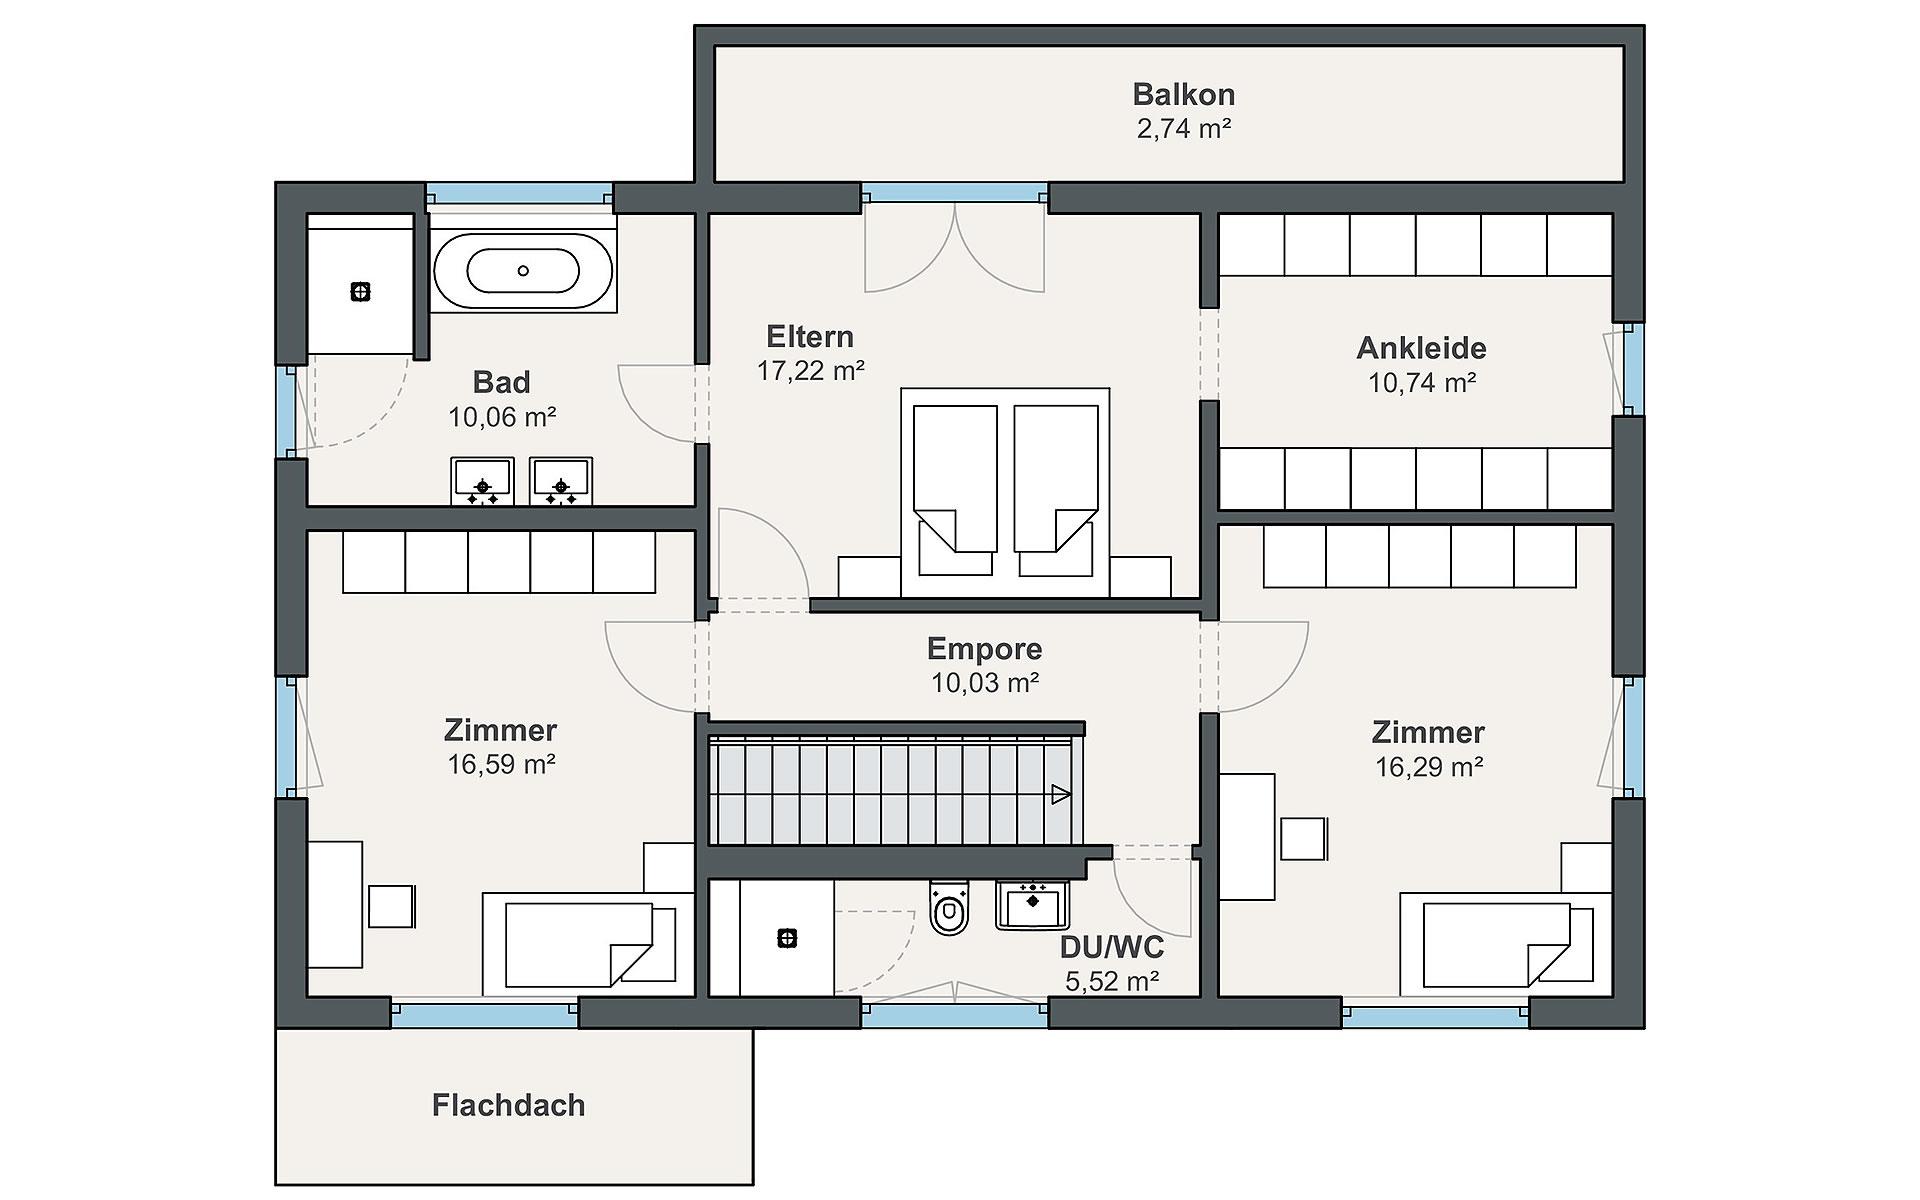 Dachgeschoss sunshine 310 (Reiter) von WeberHaus GmbH & Co. KG